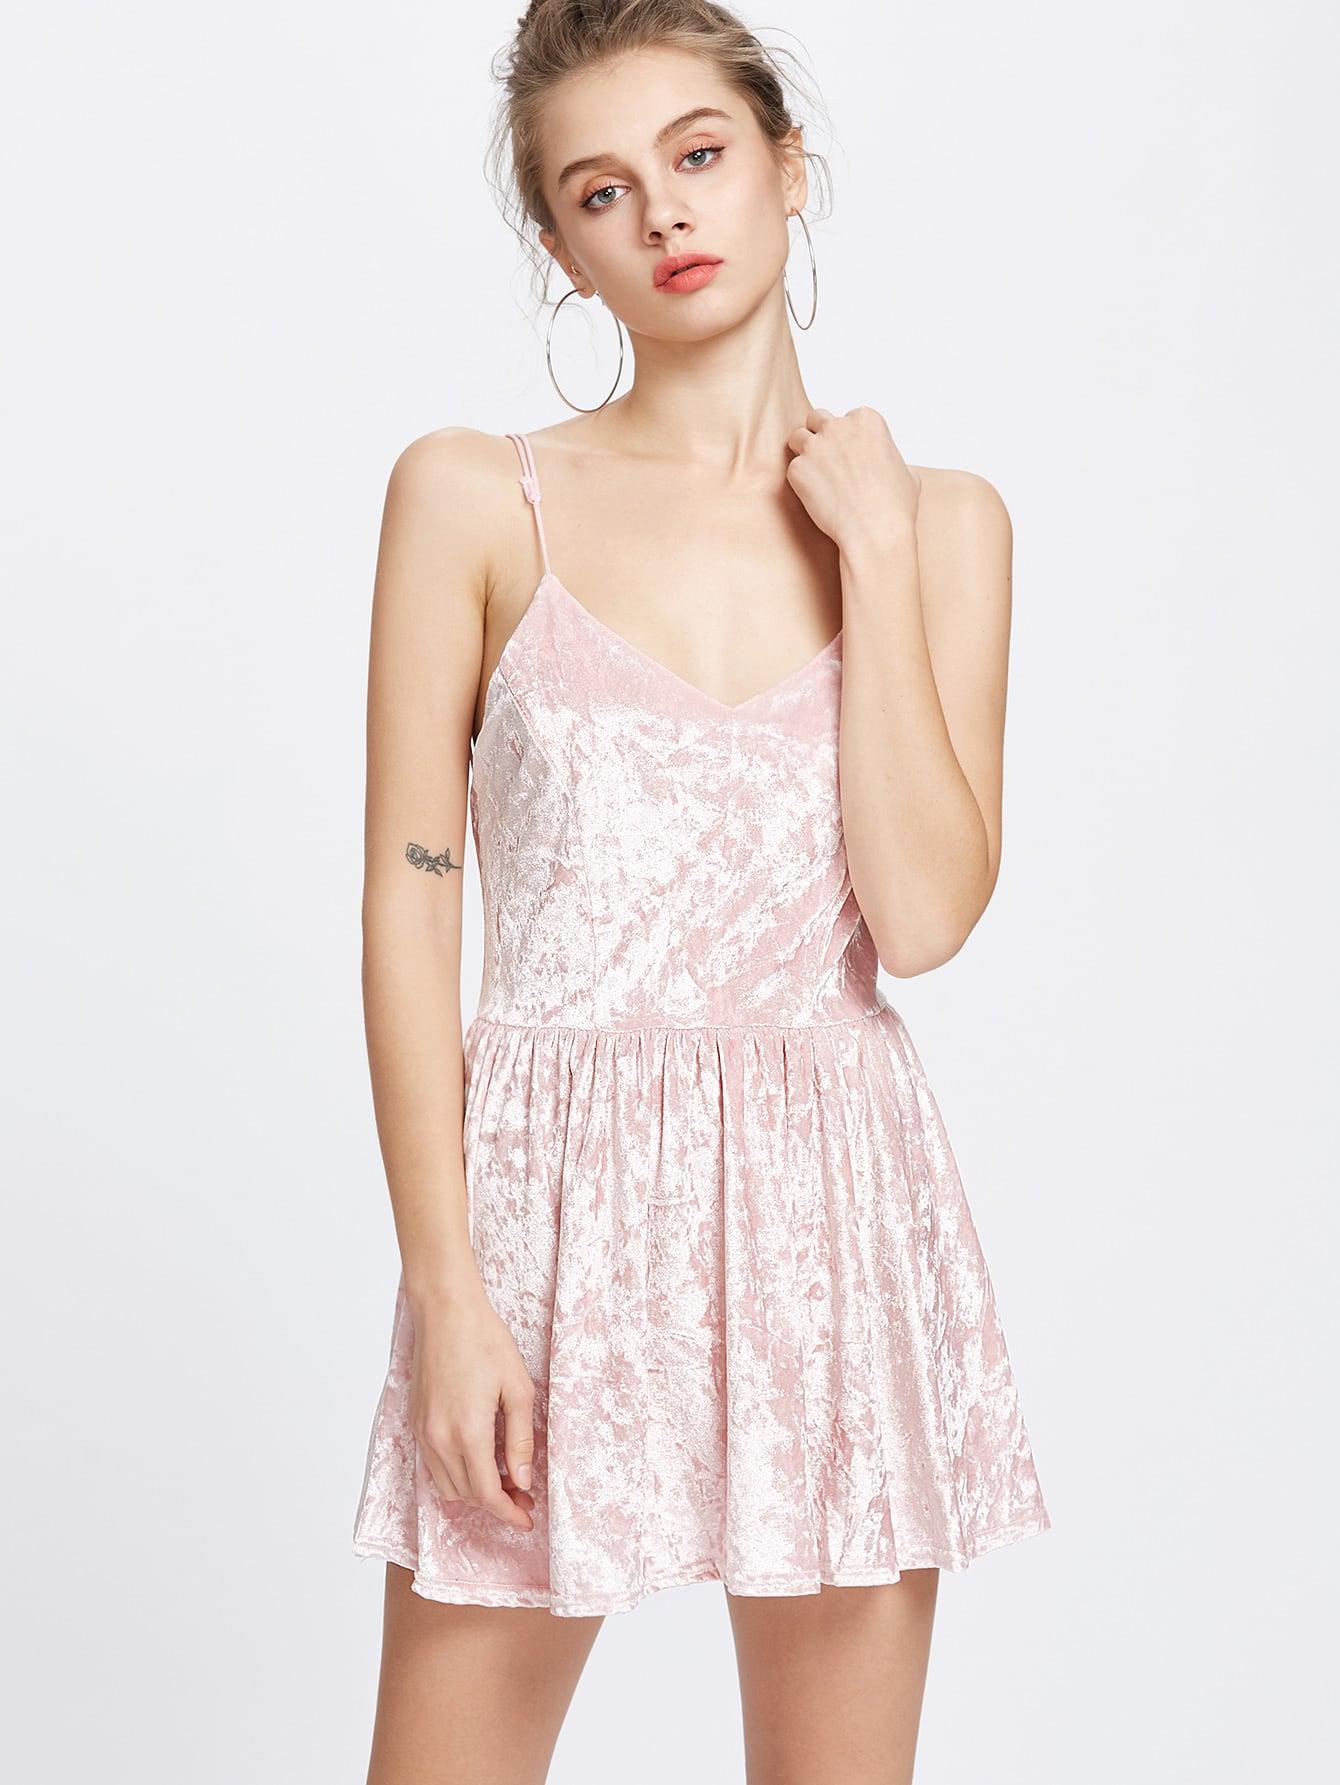 dress170310102_2